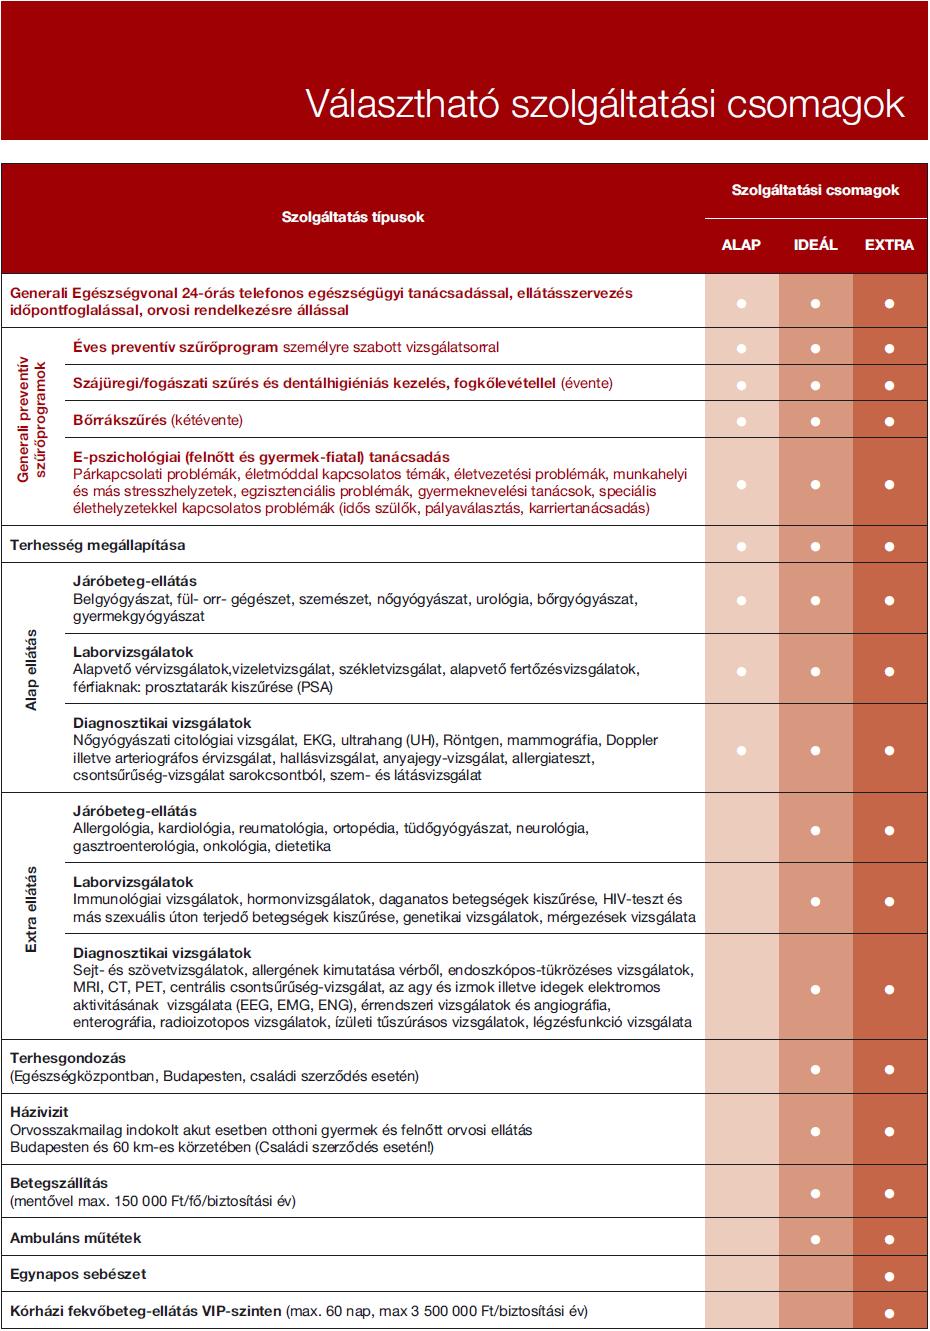 Generali Egészségprogram csomagok